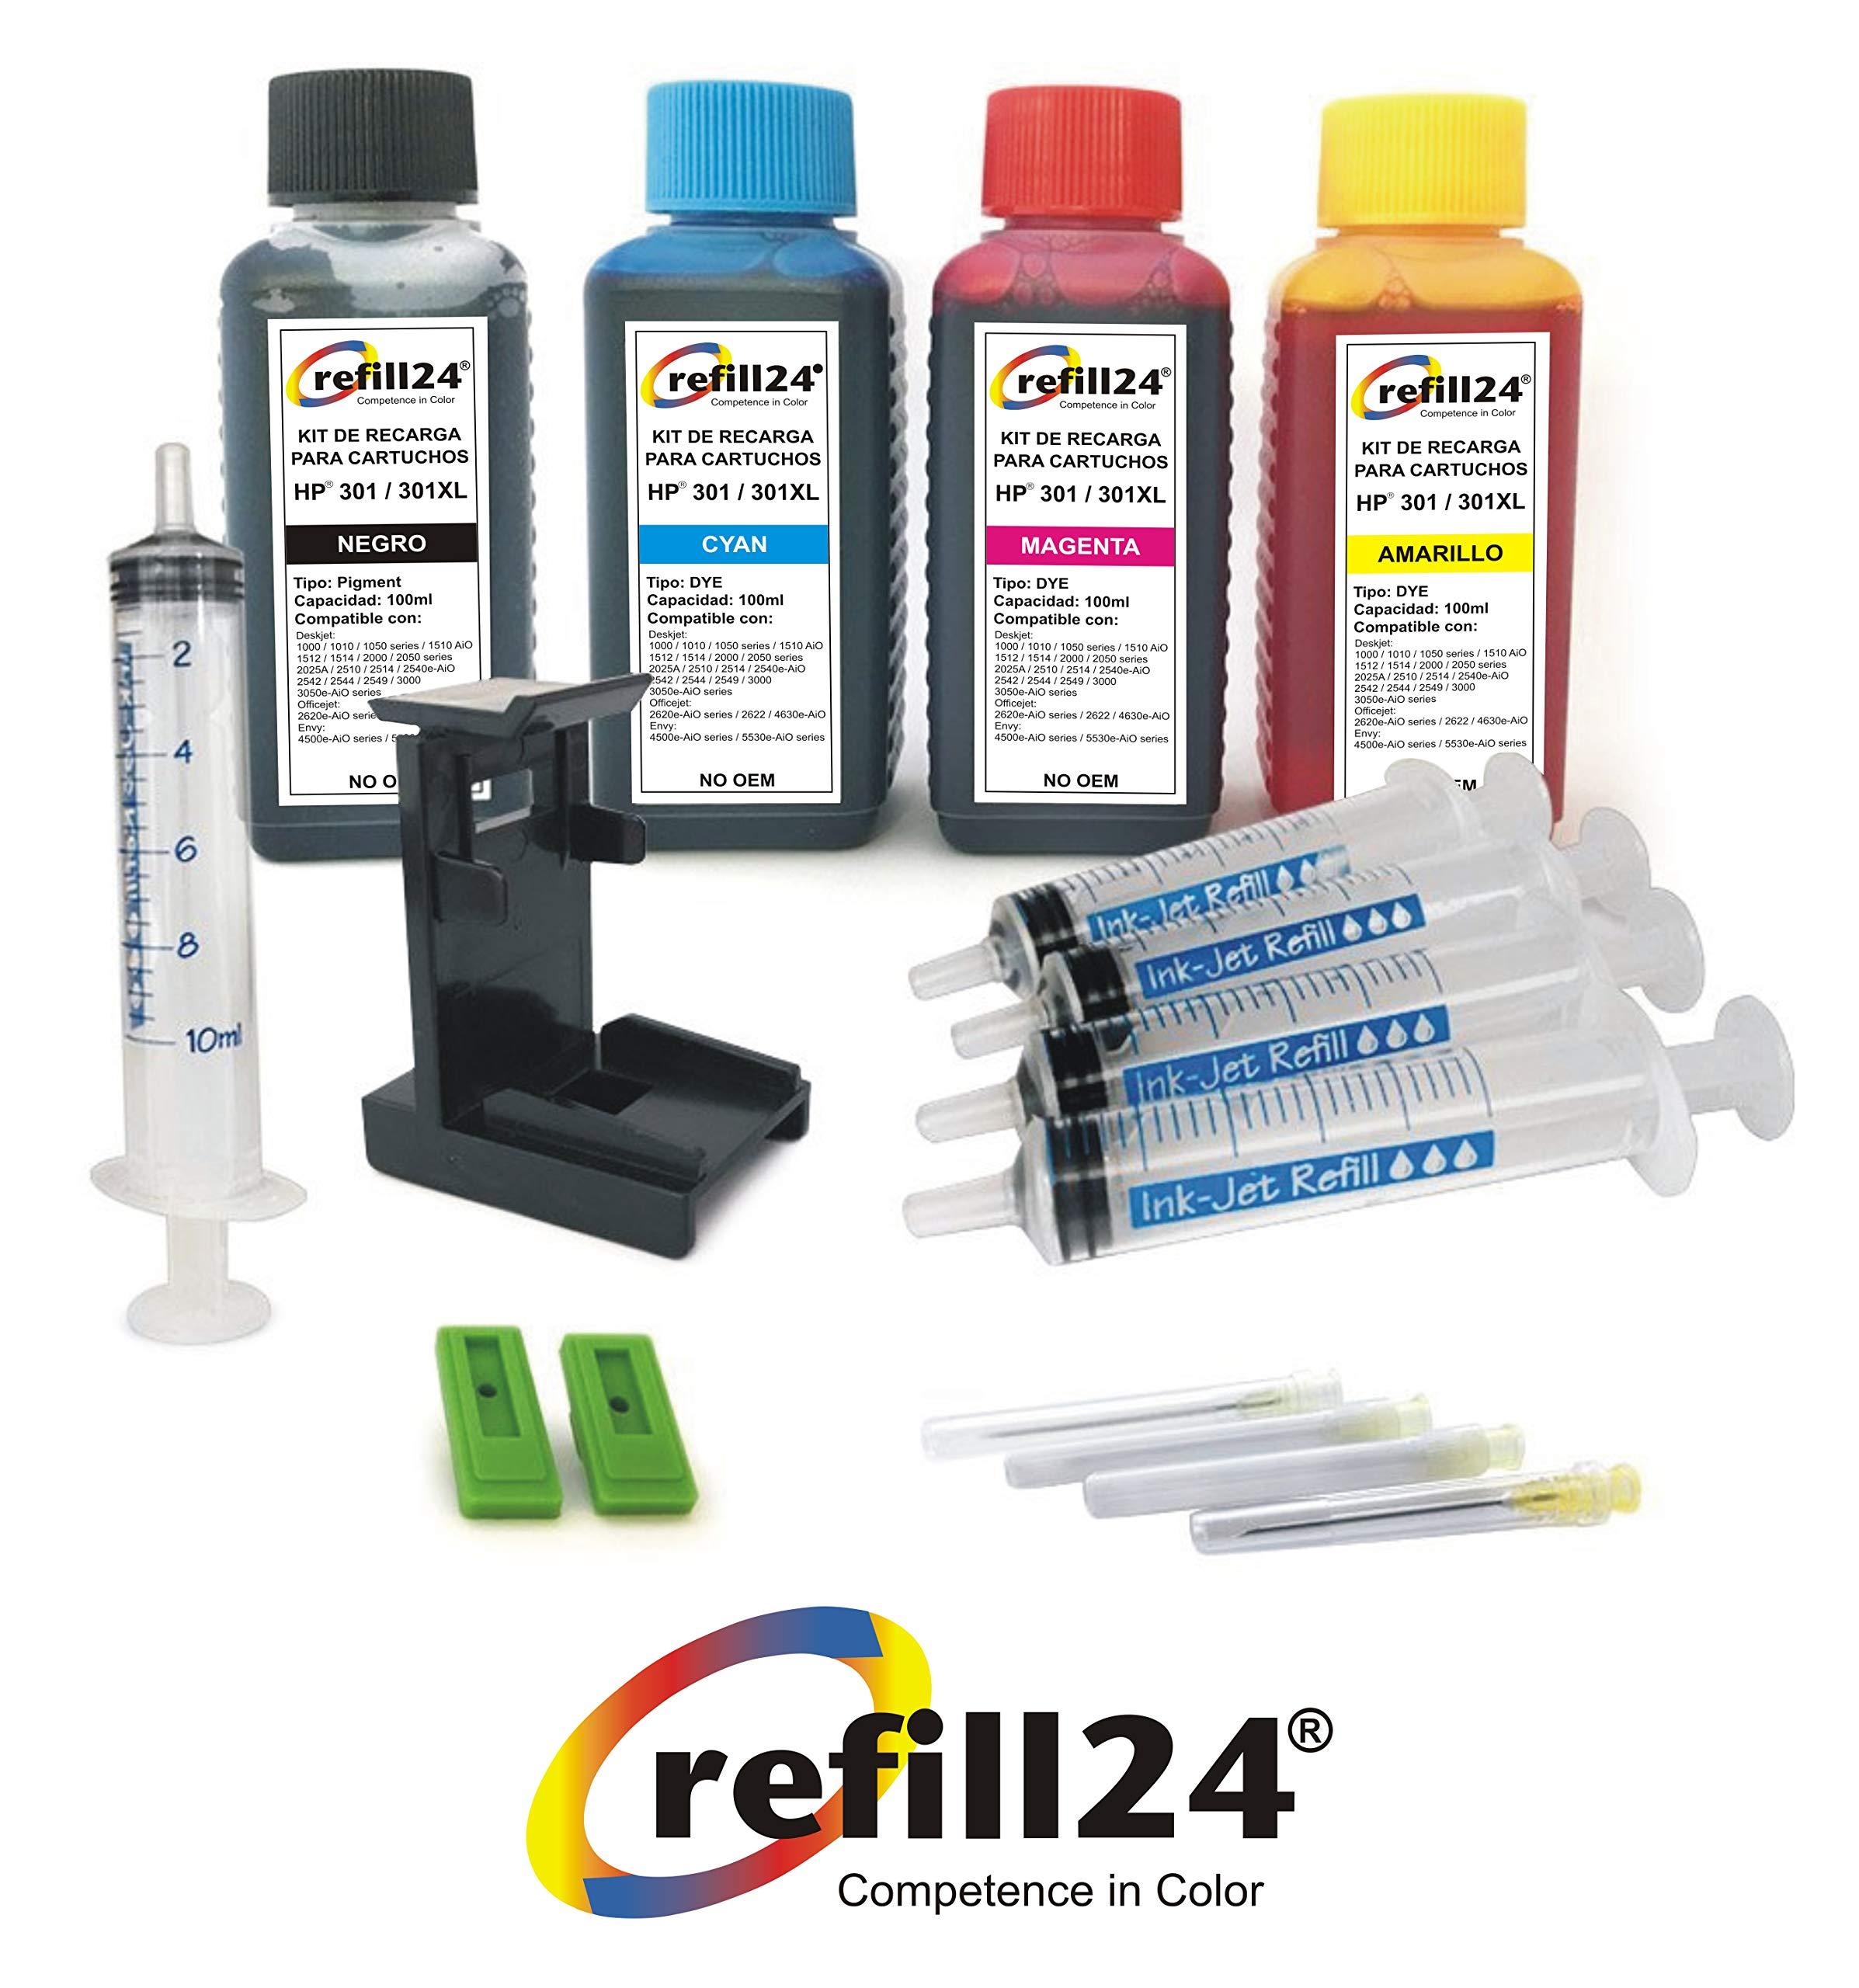 Kit de Recarga para Cartuchos de Tinta HP 301, 301 XL Negro y Color, Incluye Clip y Accesorios + 400 ML Tinta: Amazon.es: Electrónica